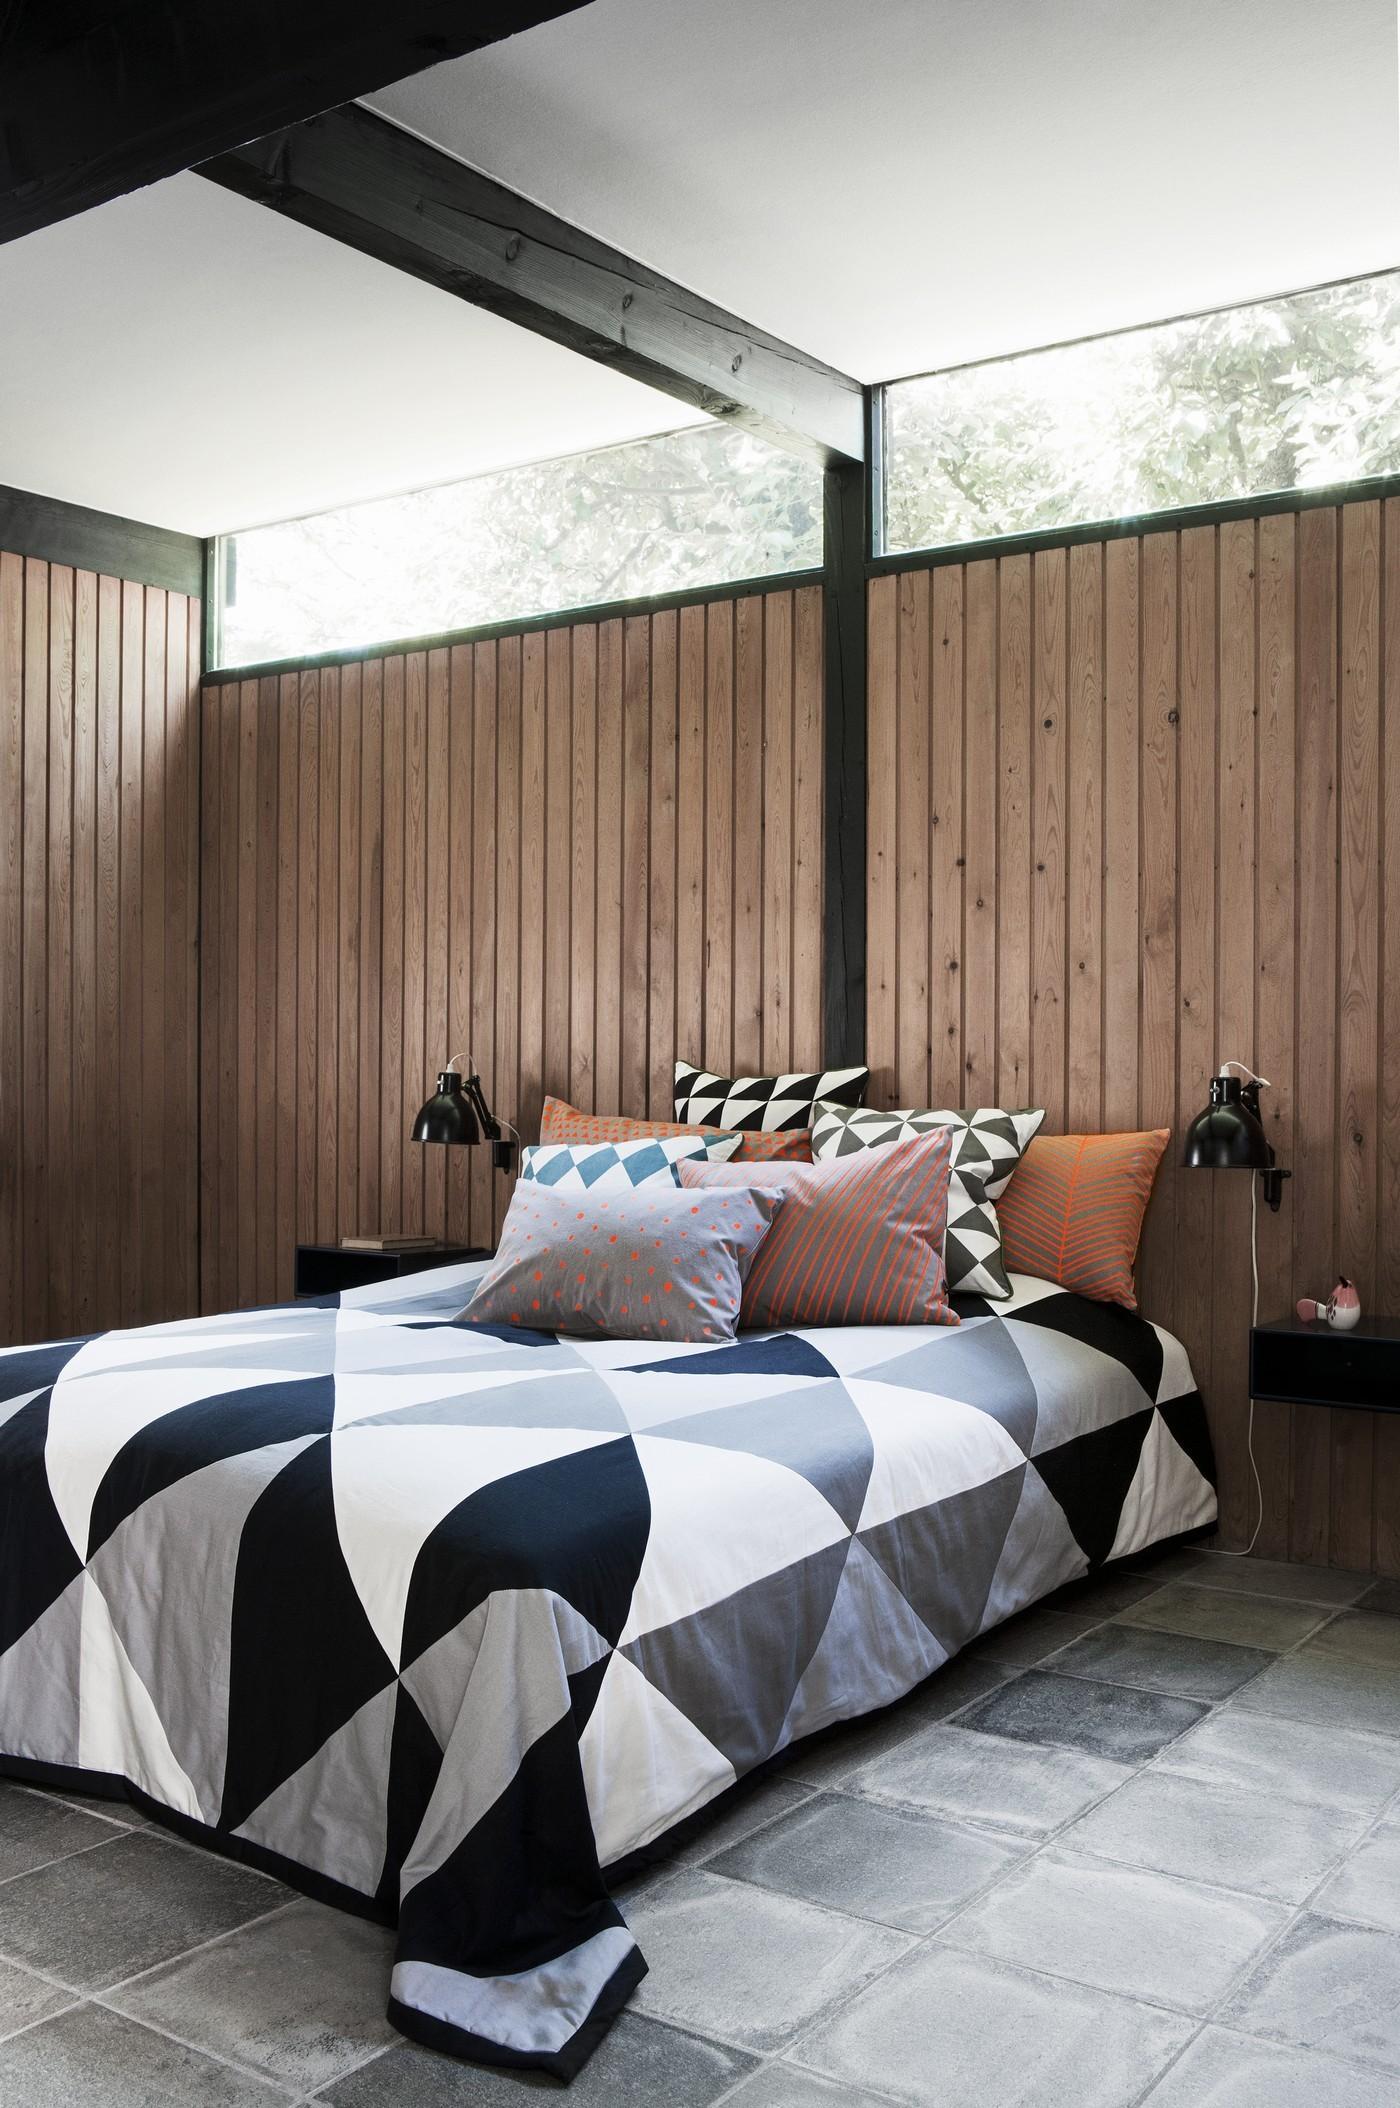 doppelbett mit einer karierten tagesdecke bett tag. Black Bedroom Furniture Sets. Home Design Ideas